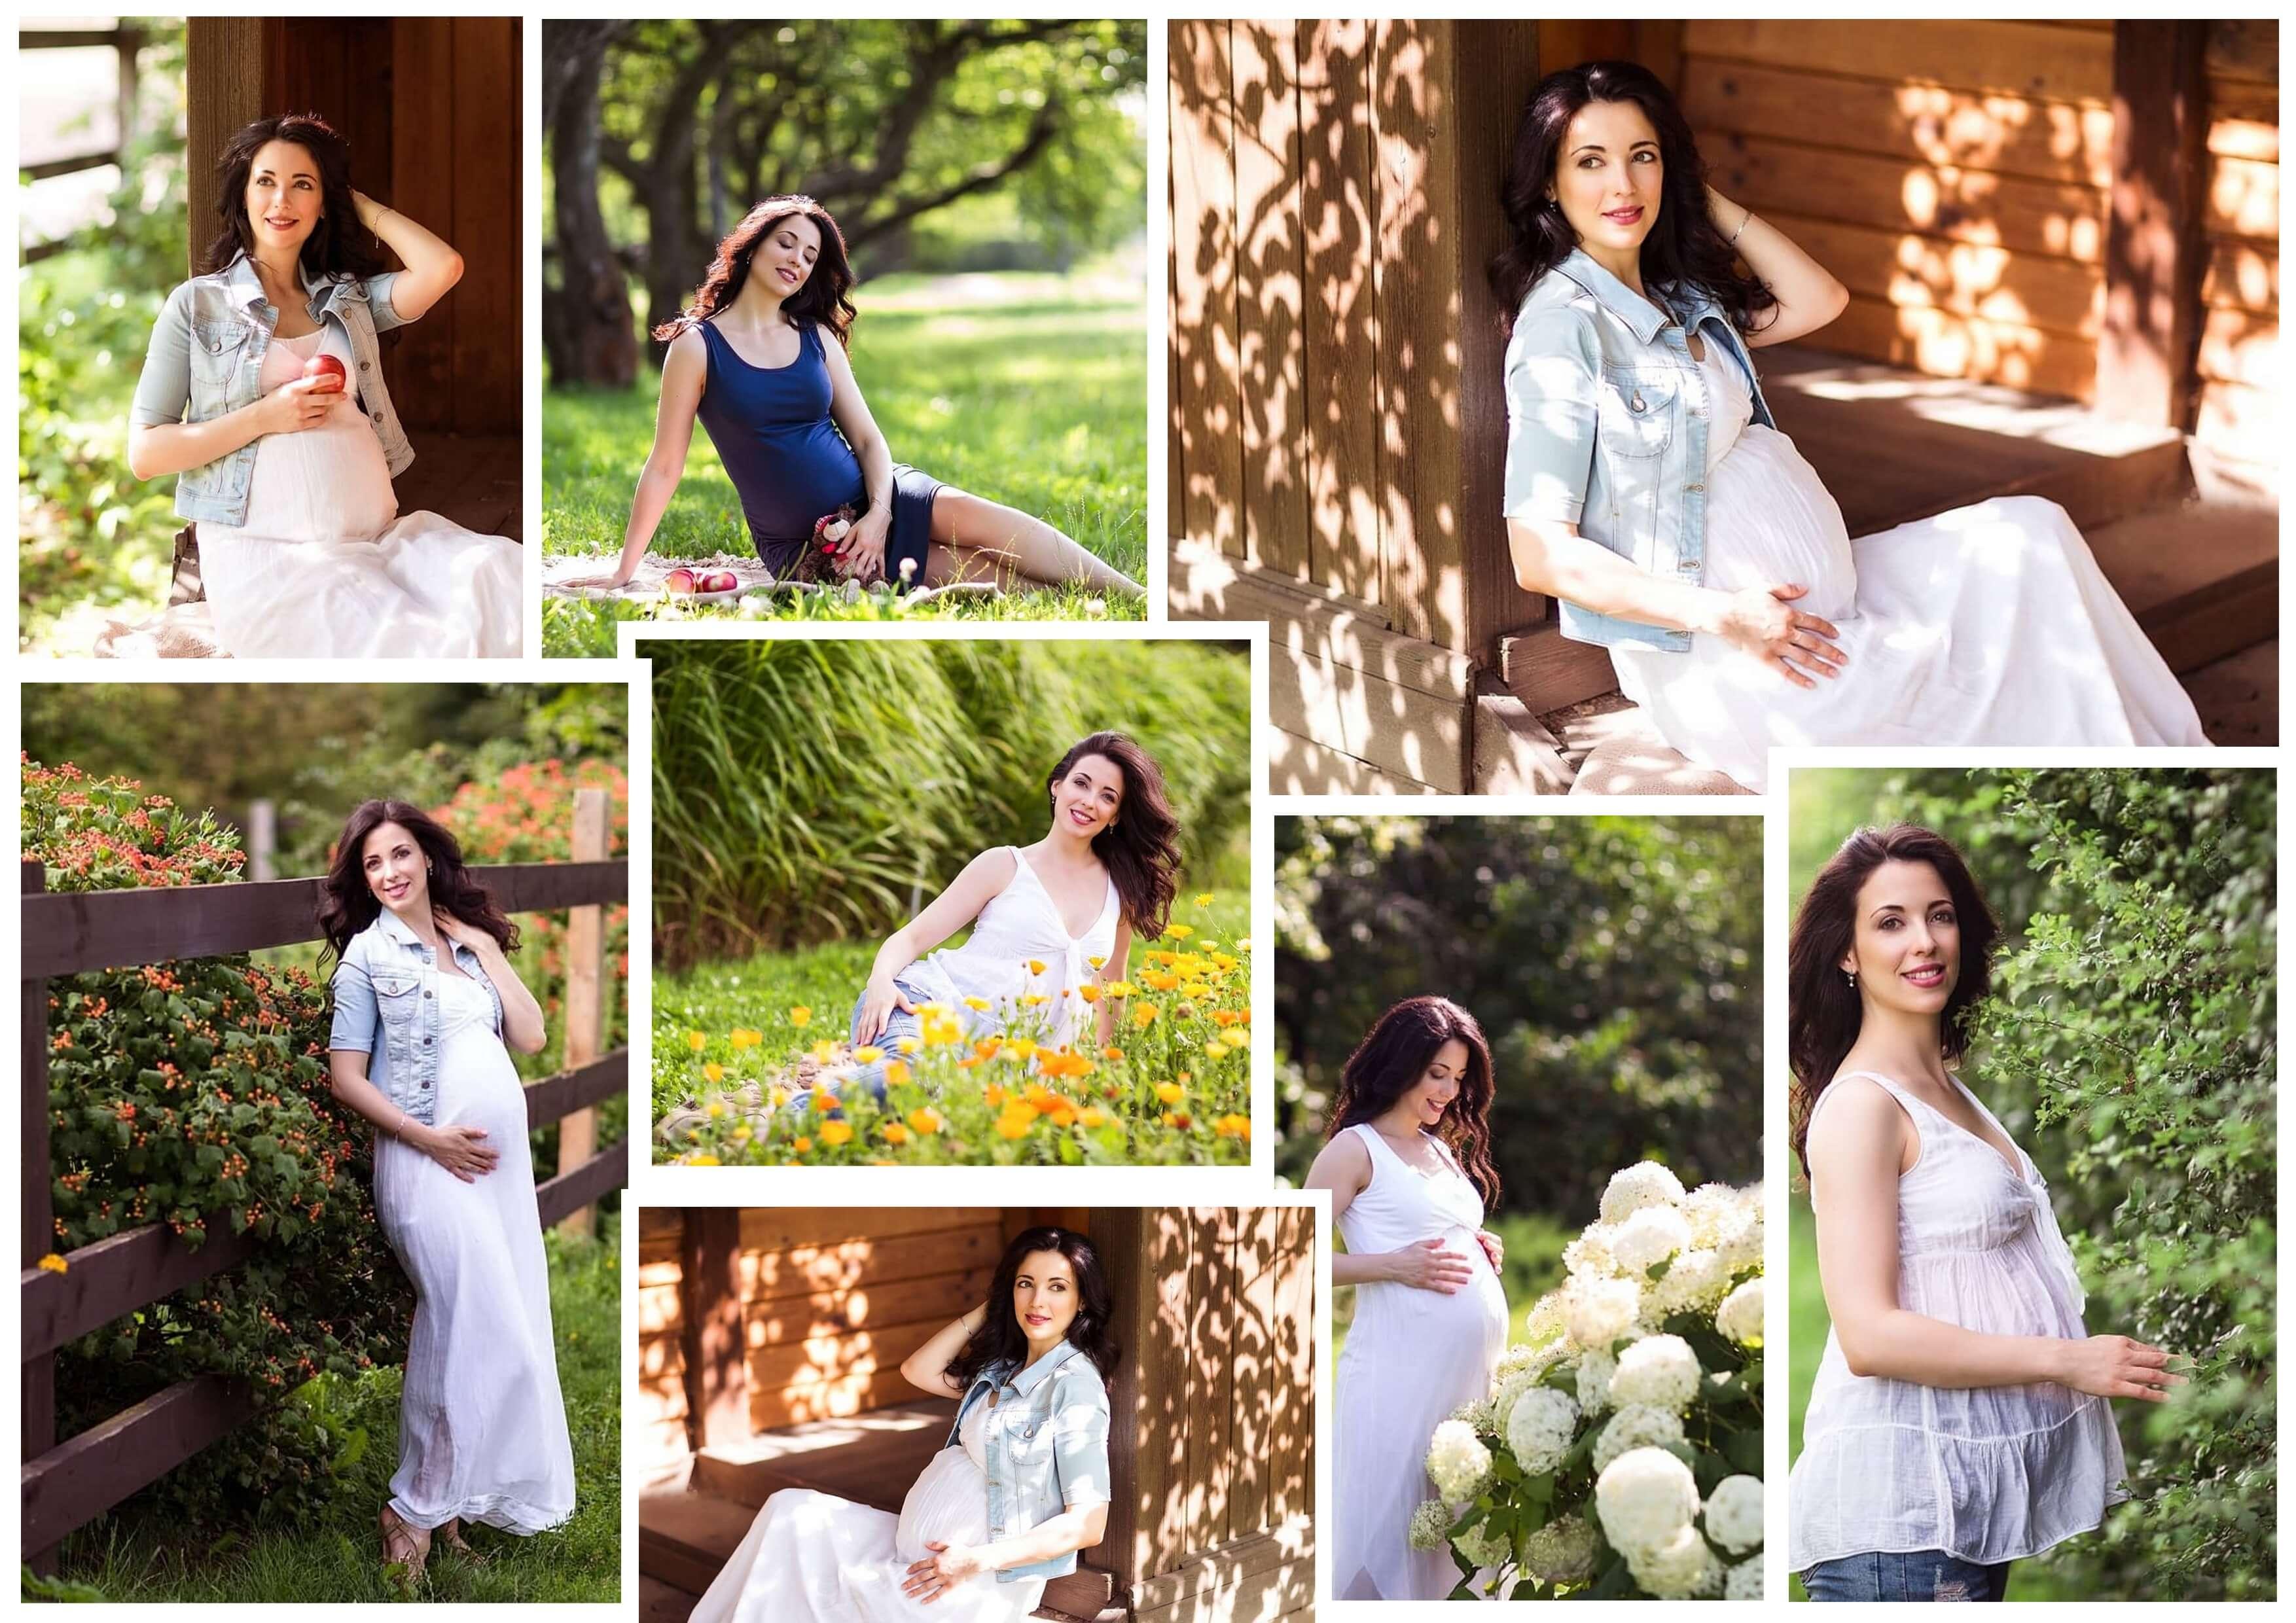 Вариант коллажа беременности на фоне природы